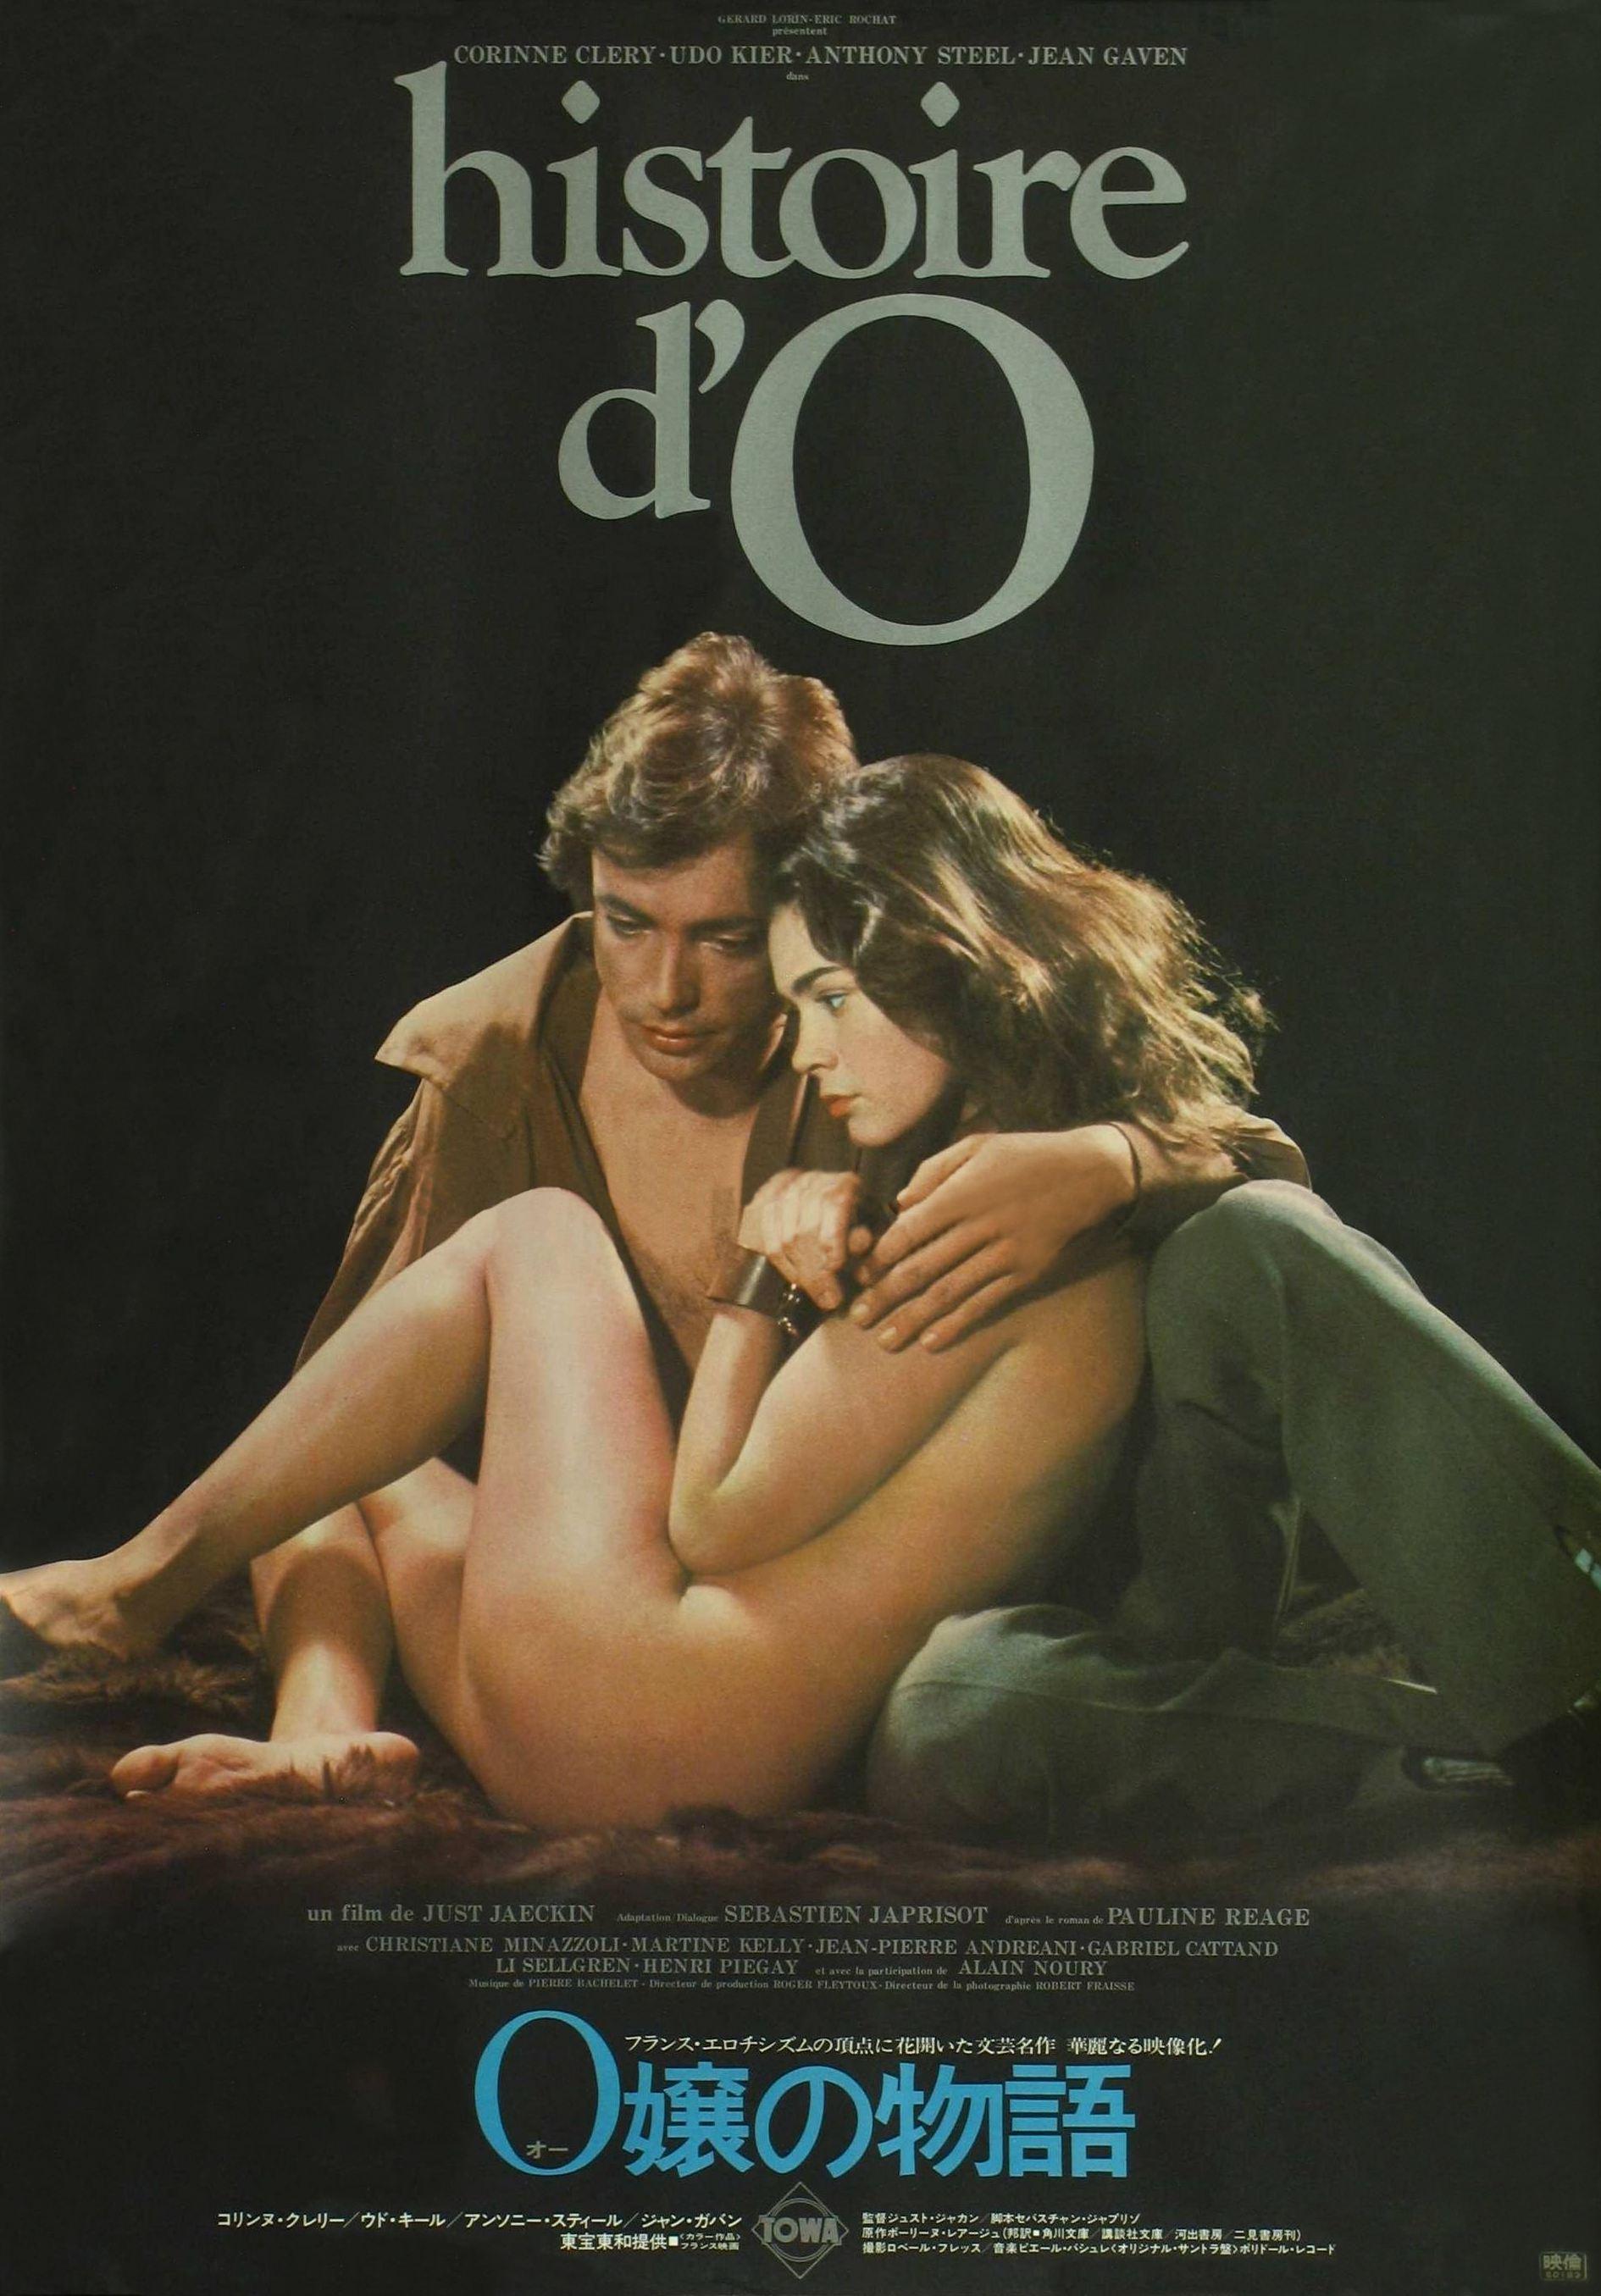 Изабель аджани порно фильмы смотреть онлайн